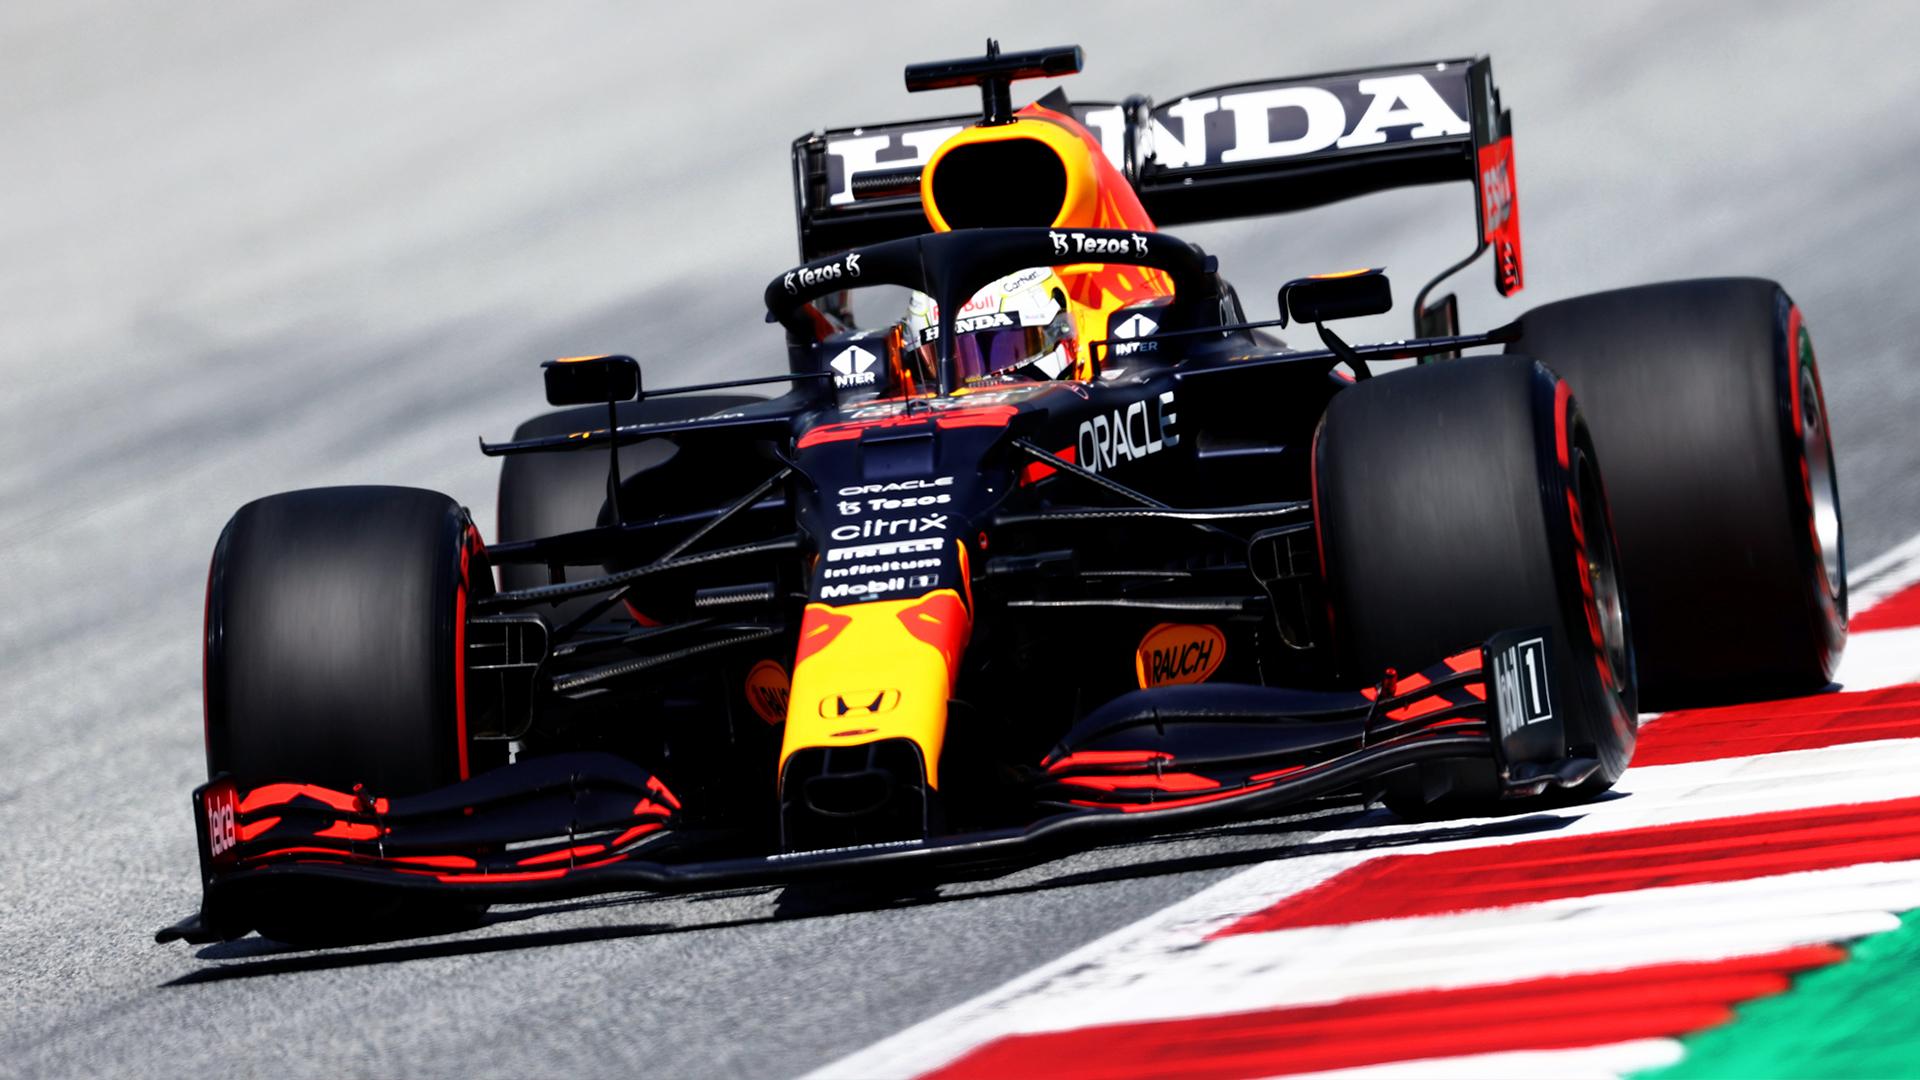 Qualifica del Gp di Stiria: Verstappen in pole, Ferrari 7° e 12°.